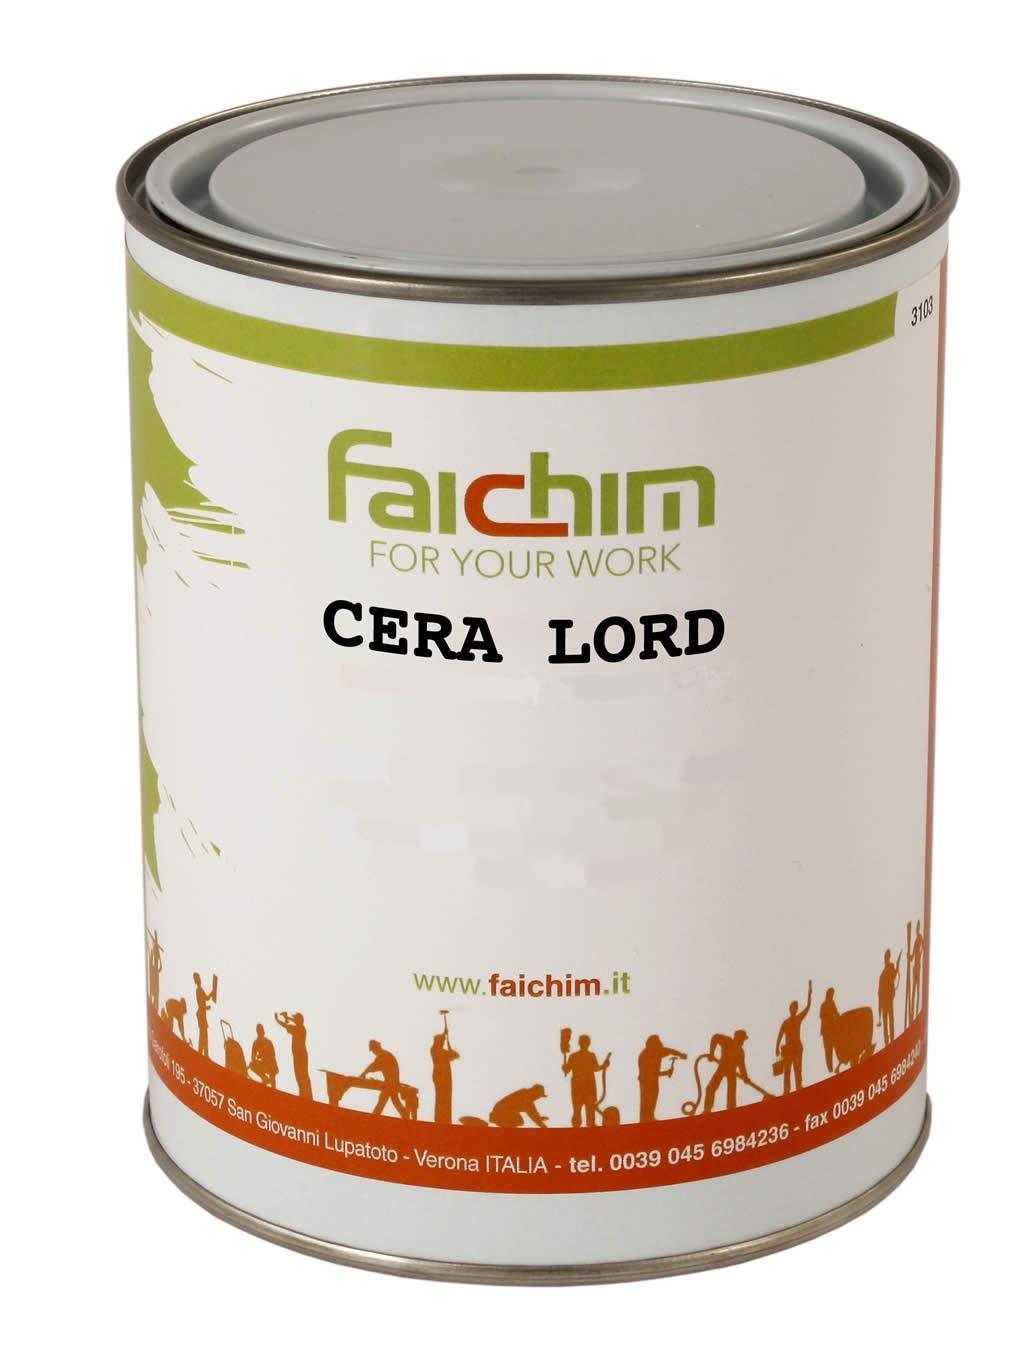 cera-lord-cremosa-per-legno-di-facile-applicazione-protettiva-restauro-ripristina-rigenera-mobili-1